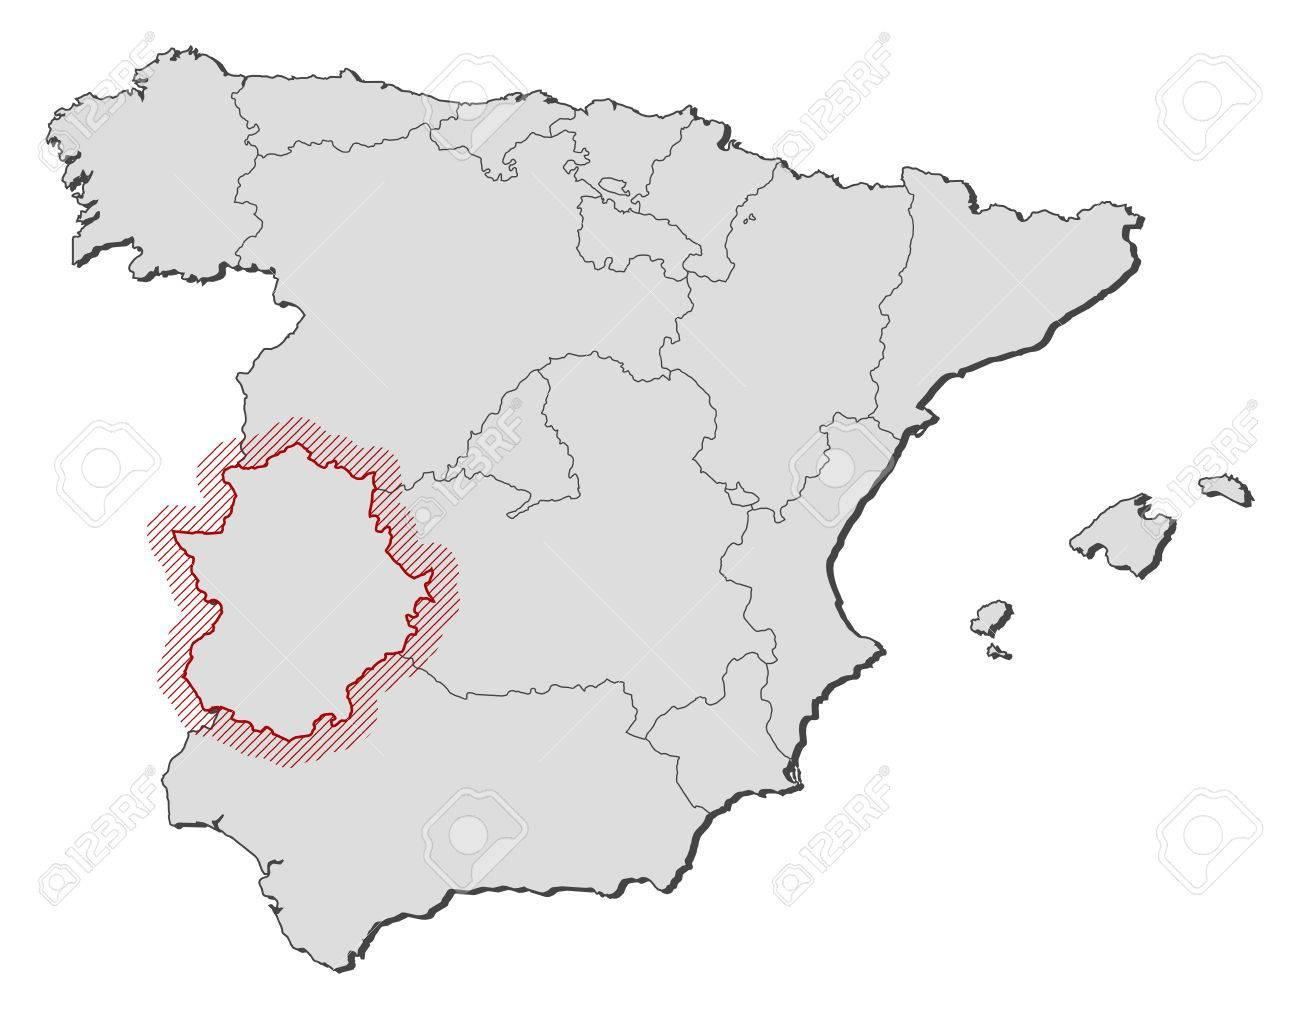 Estremadure Espagne Carte.Carte De L Espagne Avec Les Provinces L Estremadure Est Soulignee Par Une Eclosion